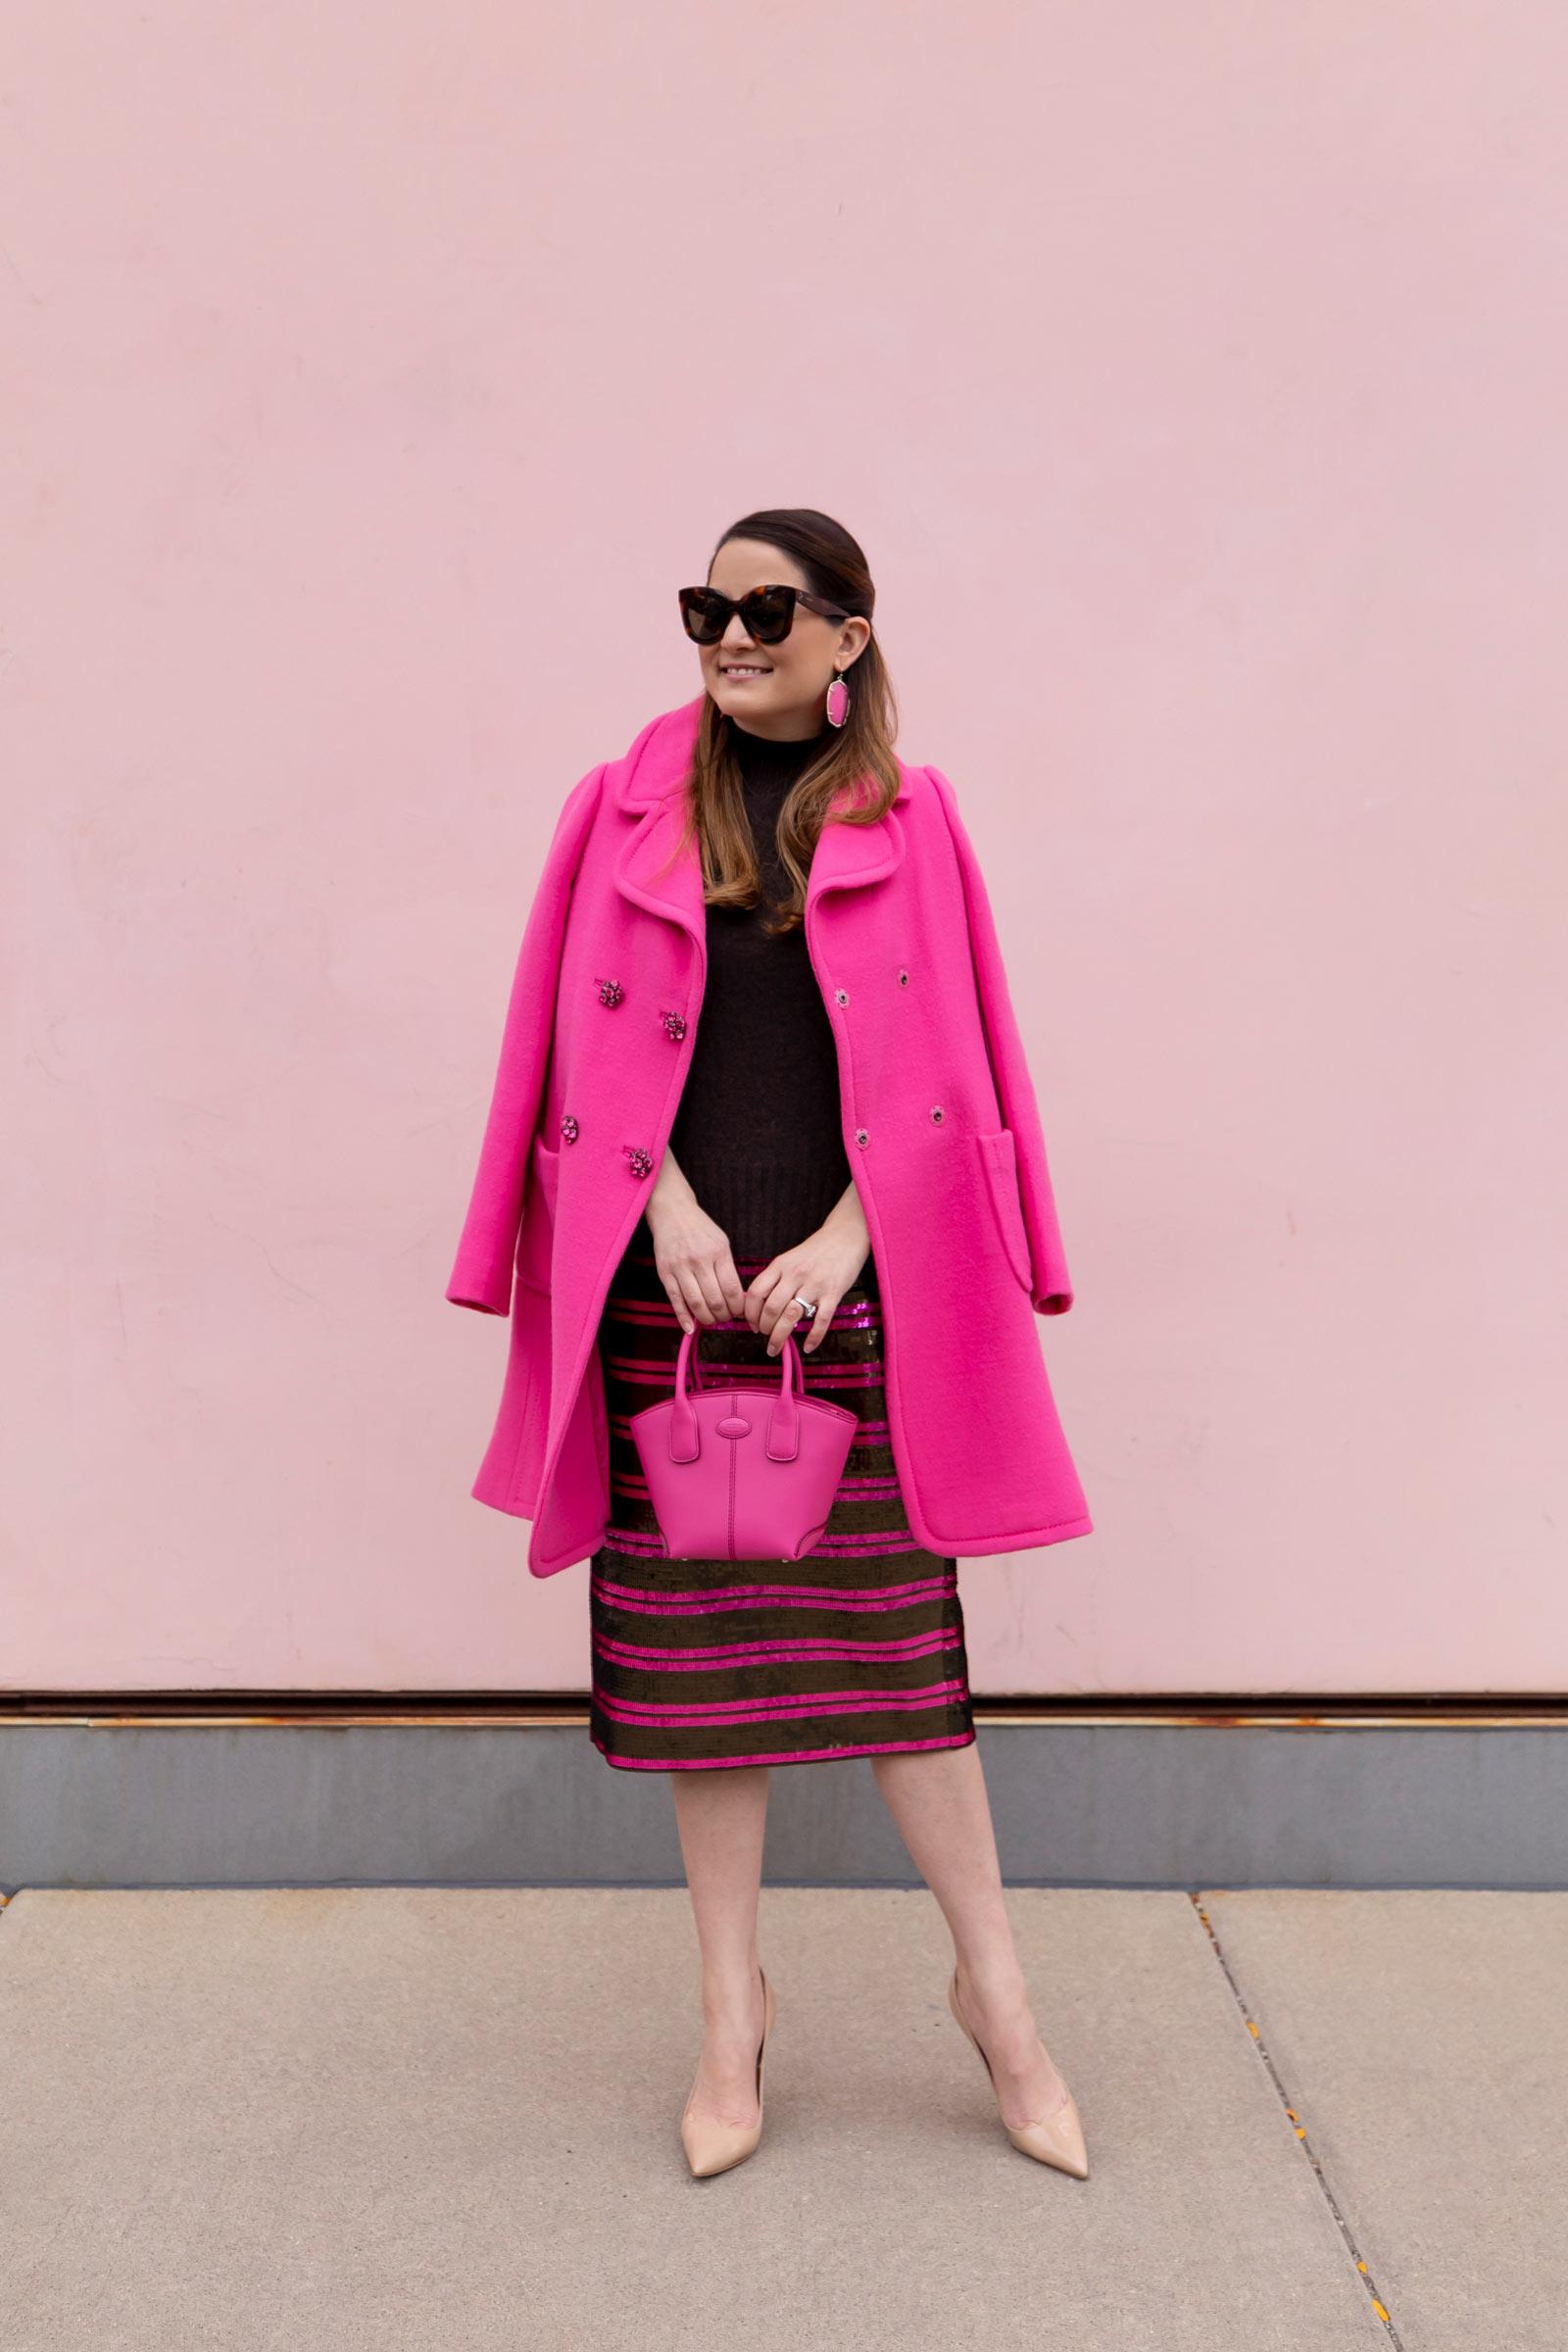 Jennifer Lake Kate Spade Pink Coat